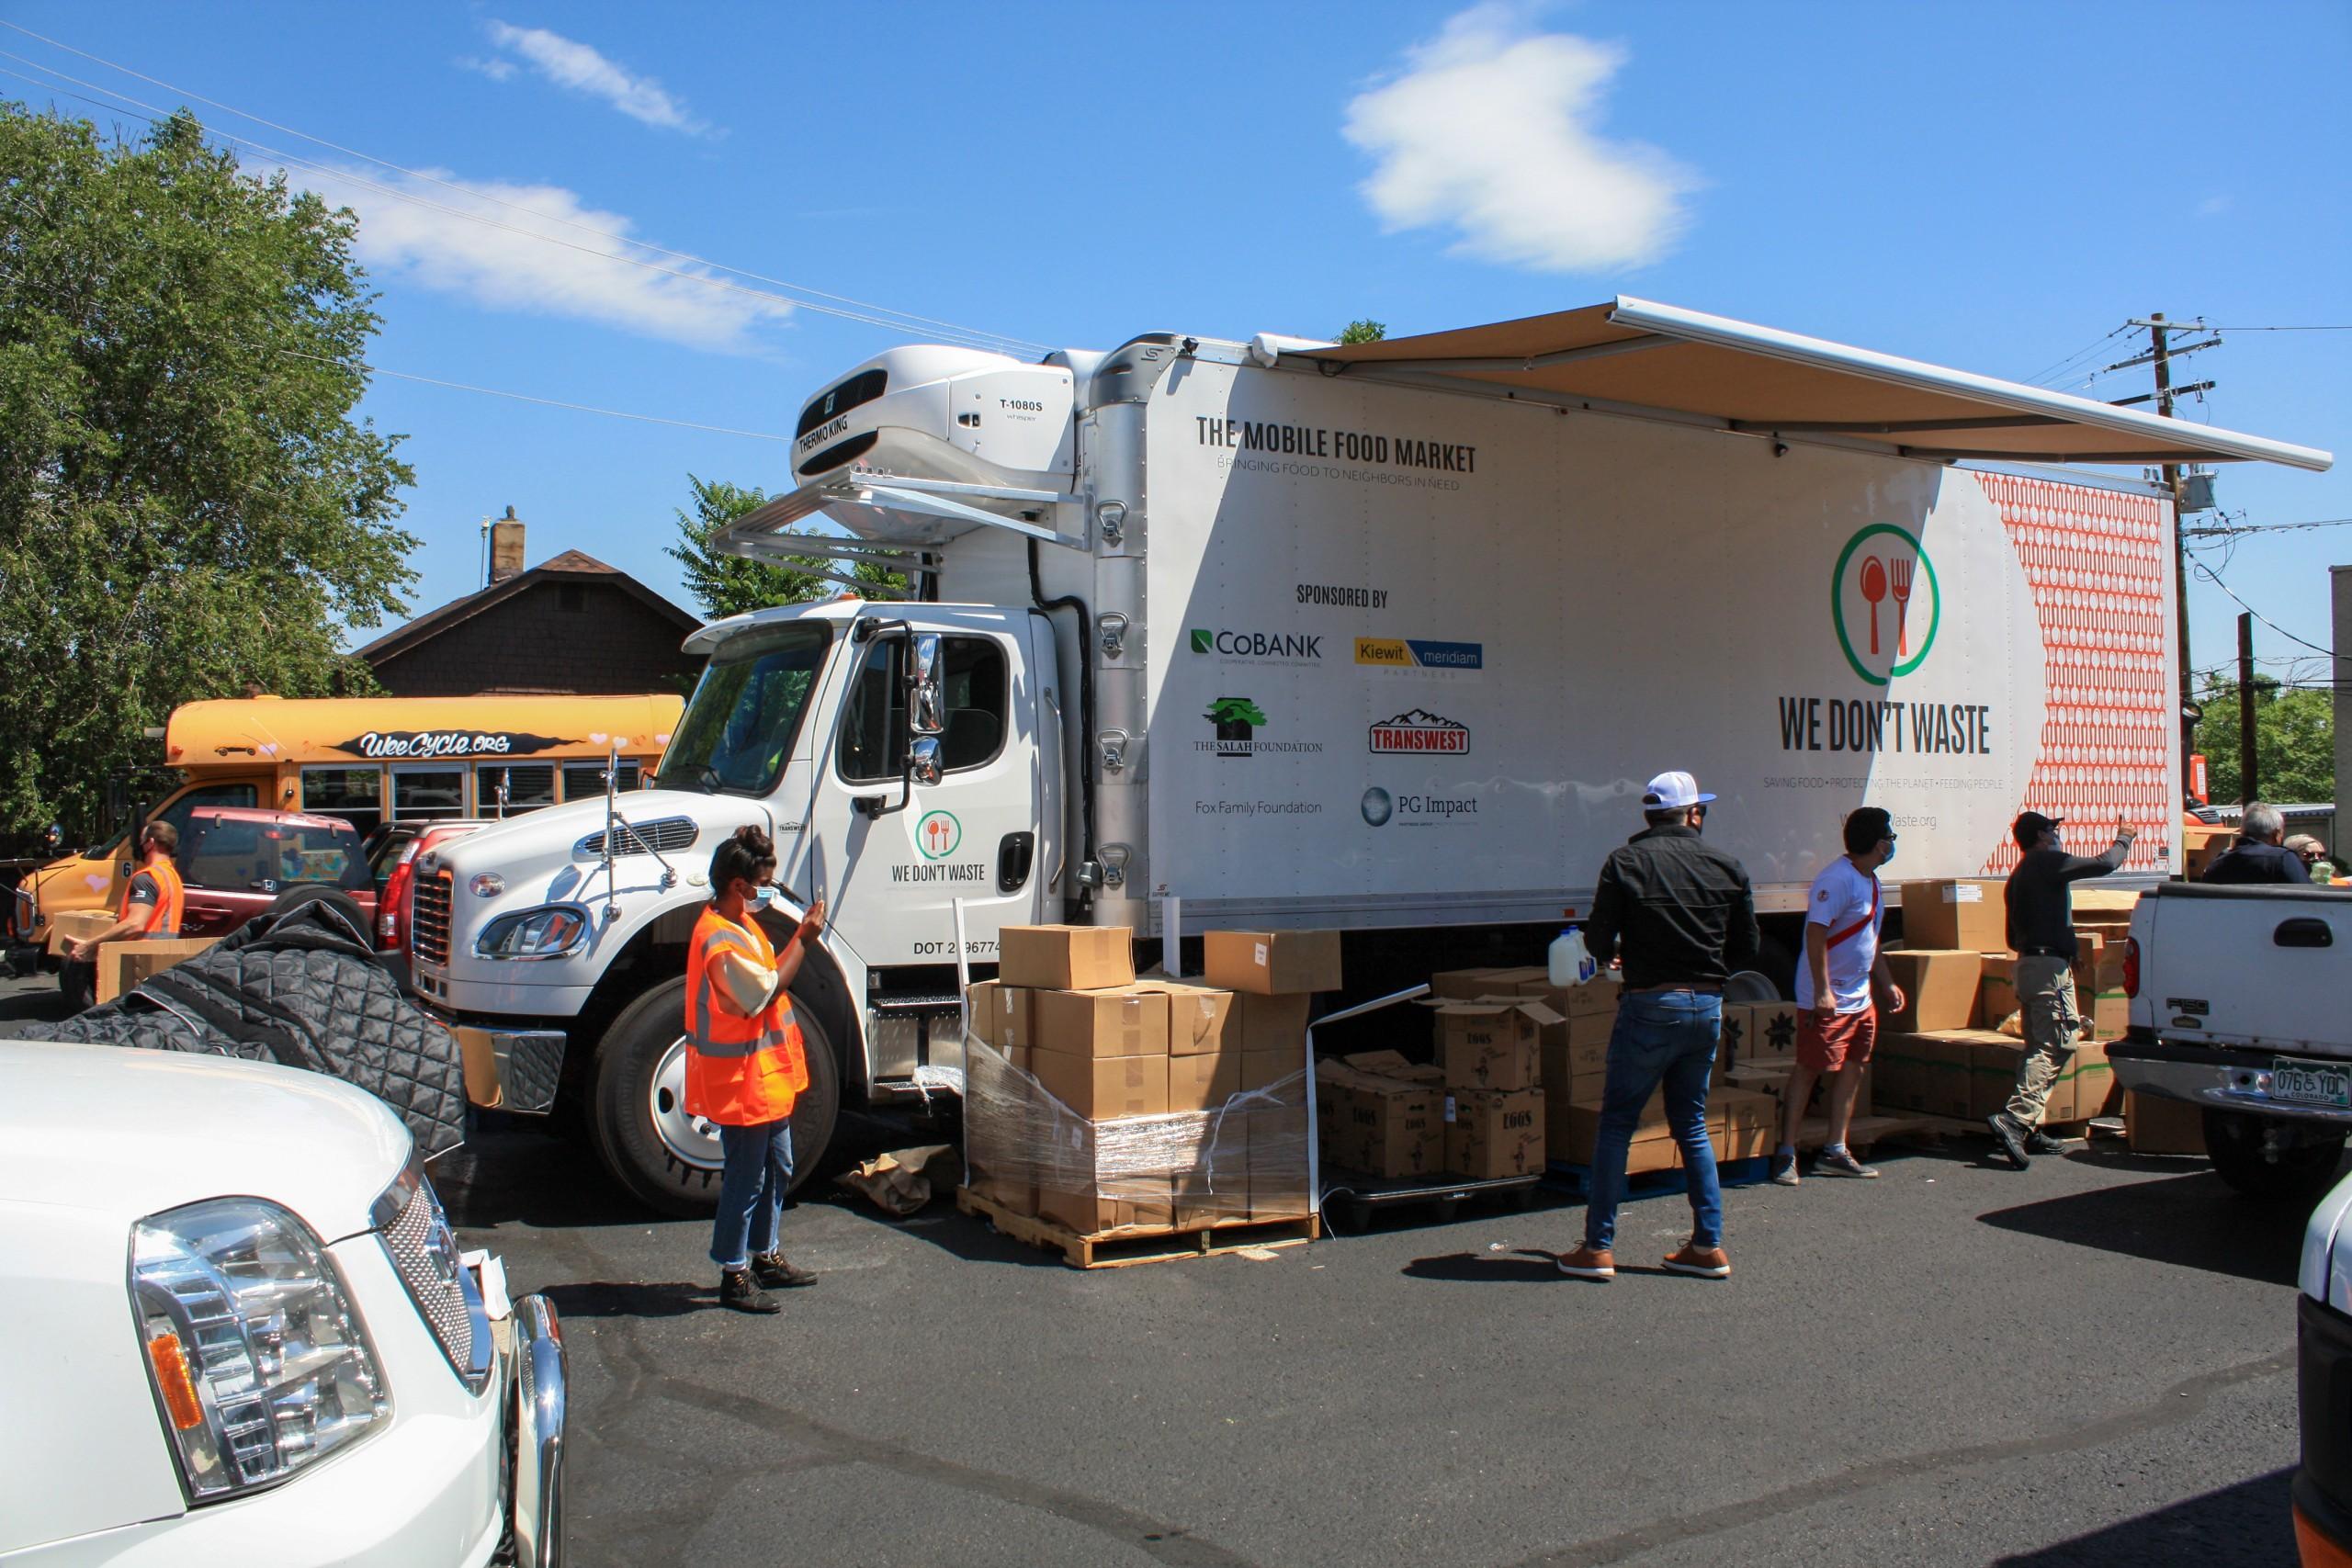 We Dont Waste Mobile Market Full Truck Unloading